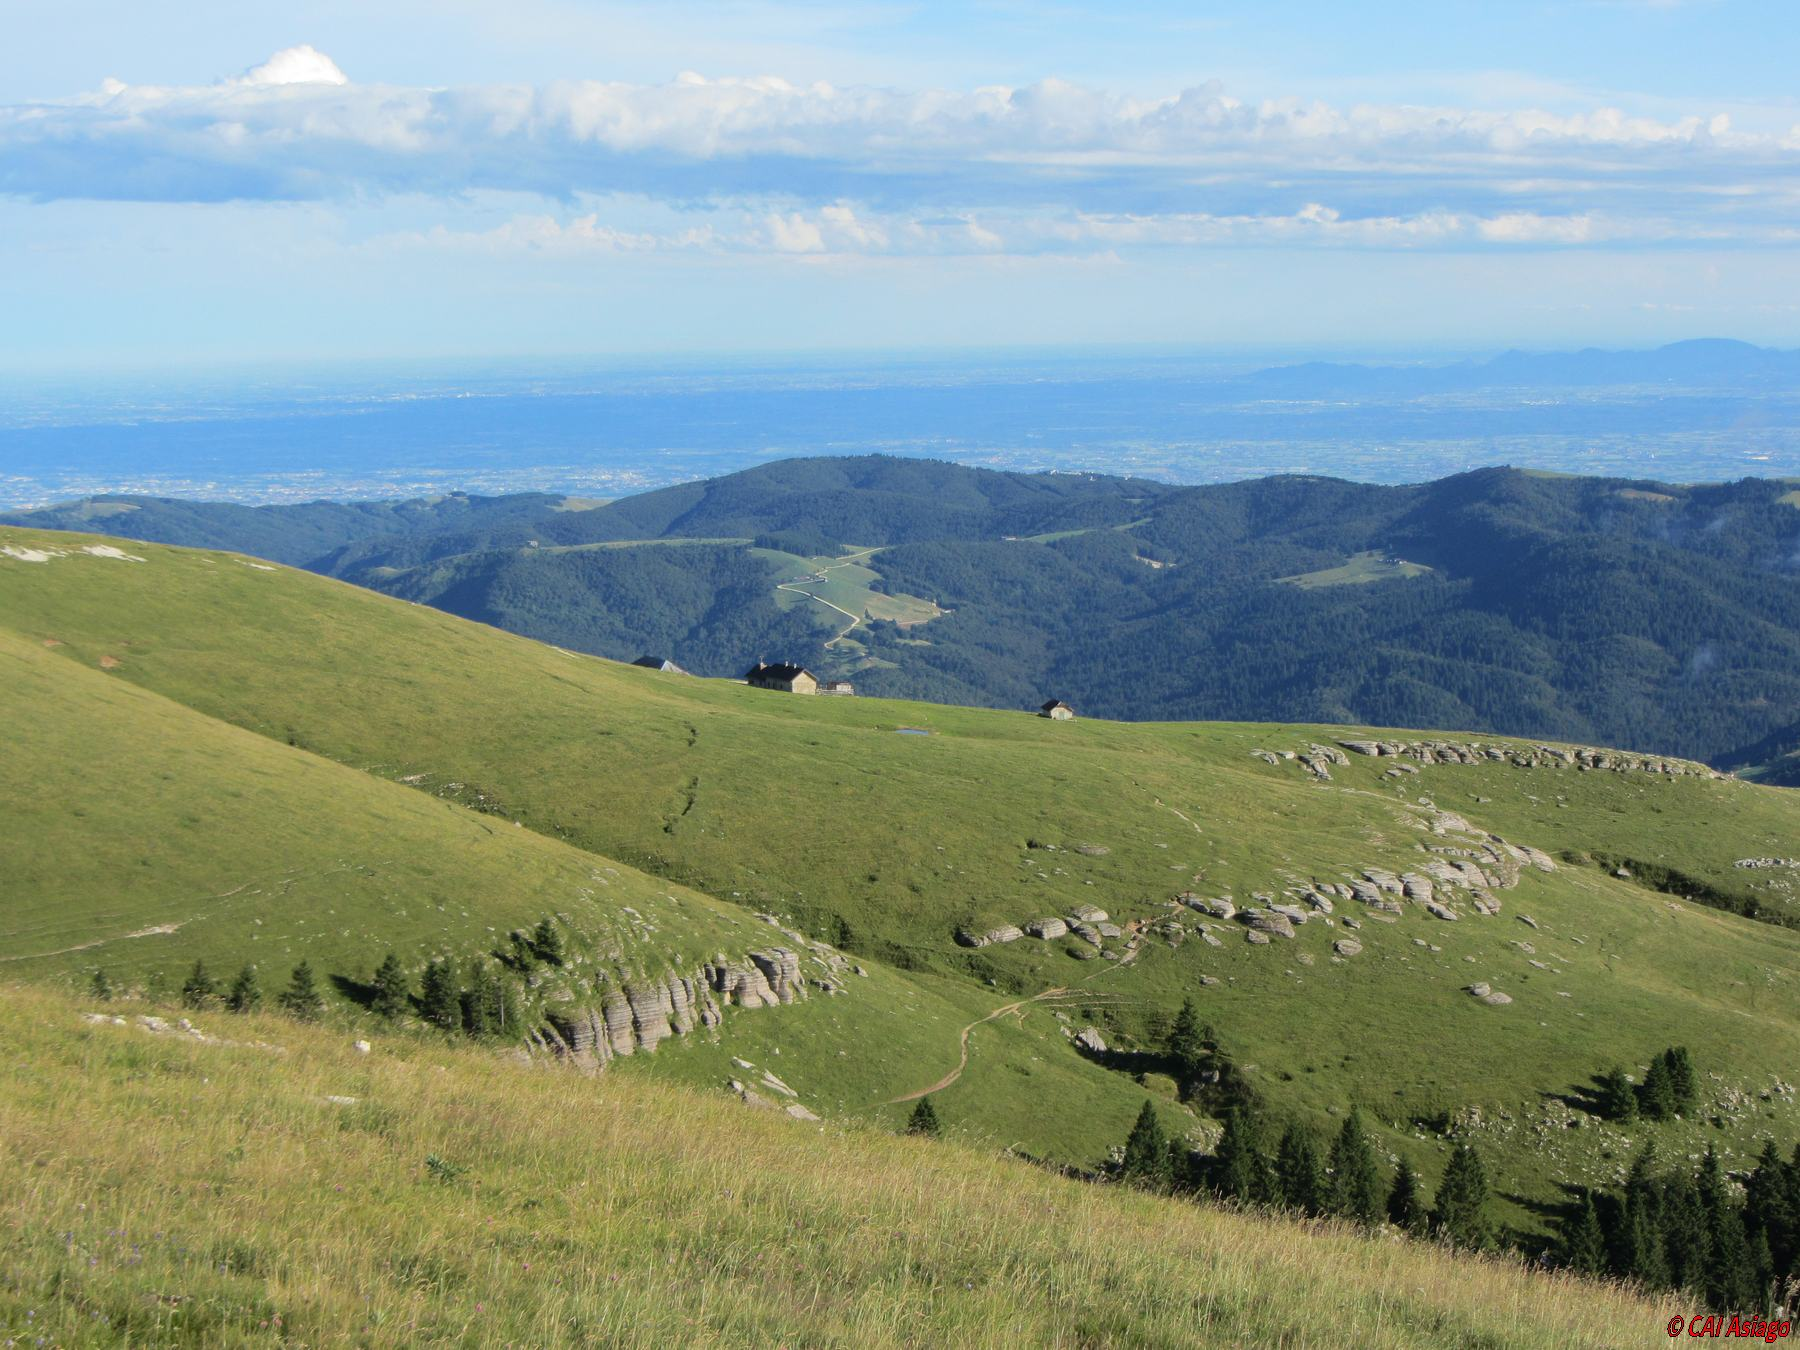 Verso Malga Montagna Nova